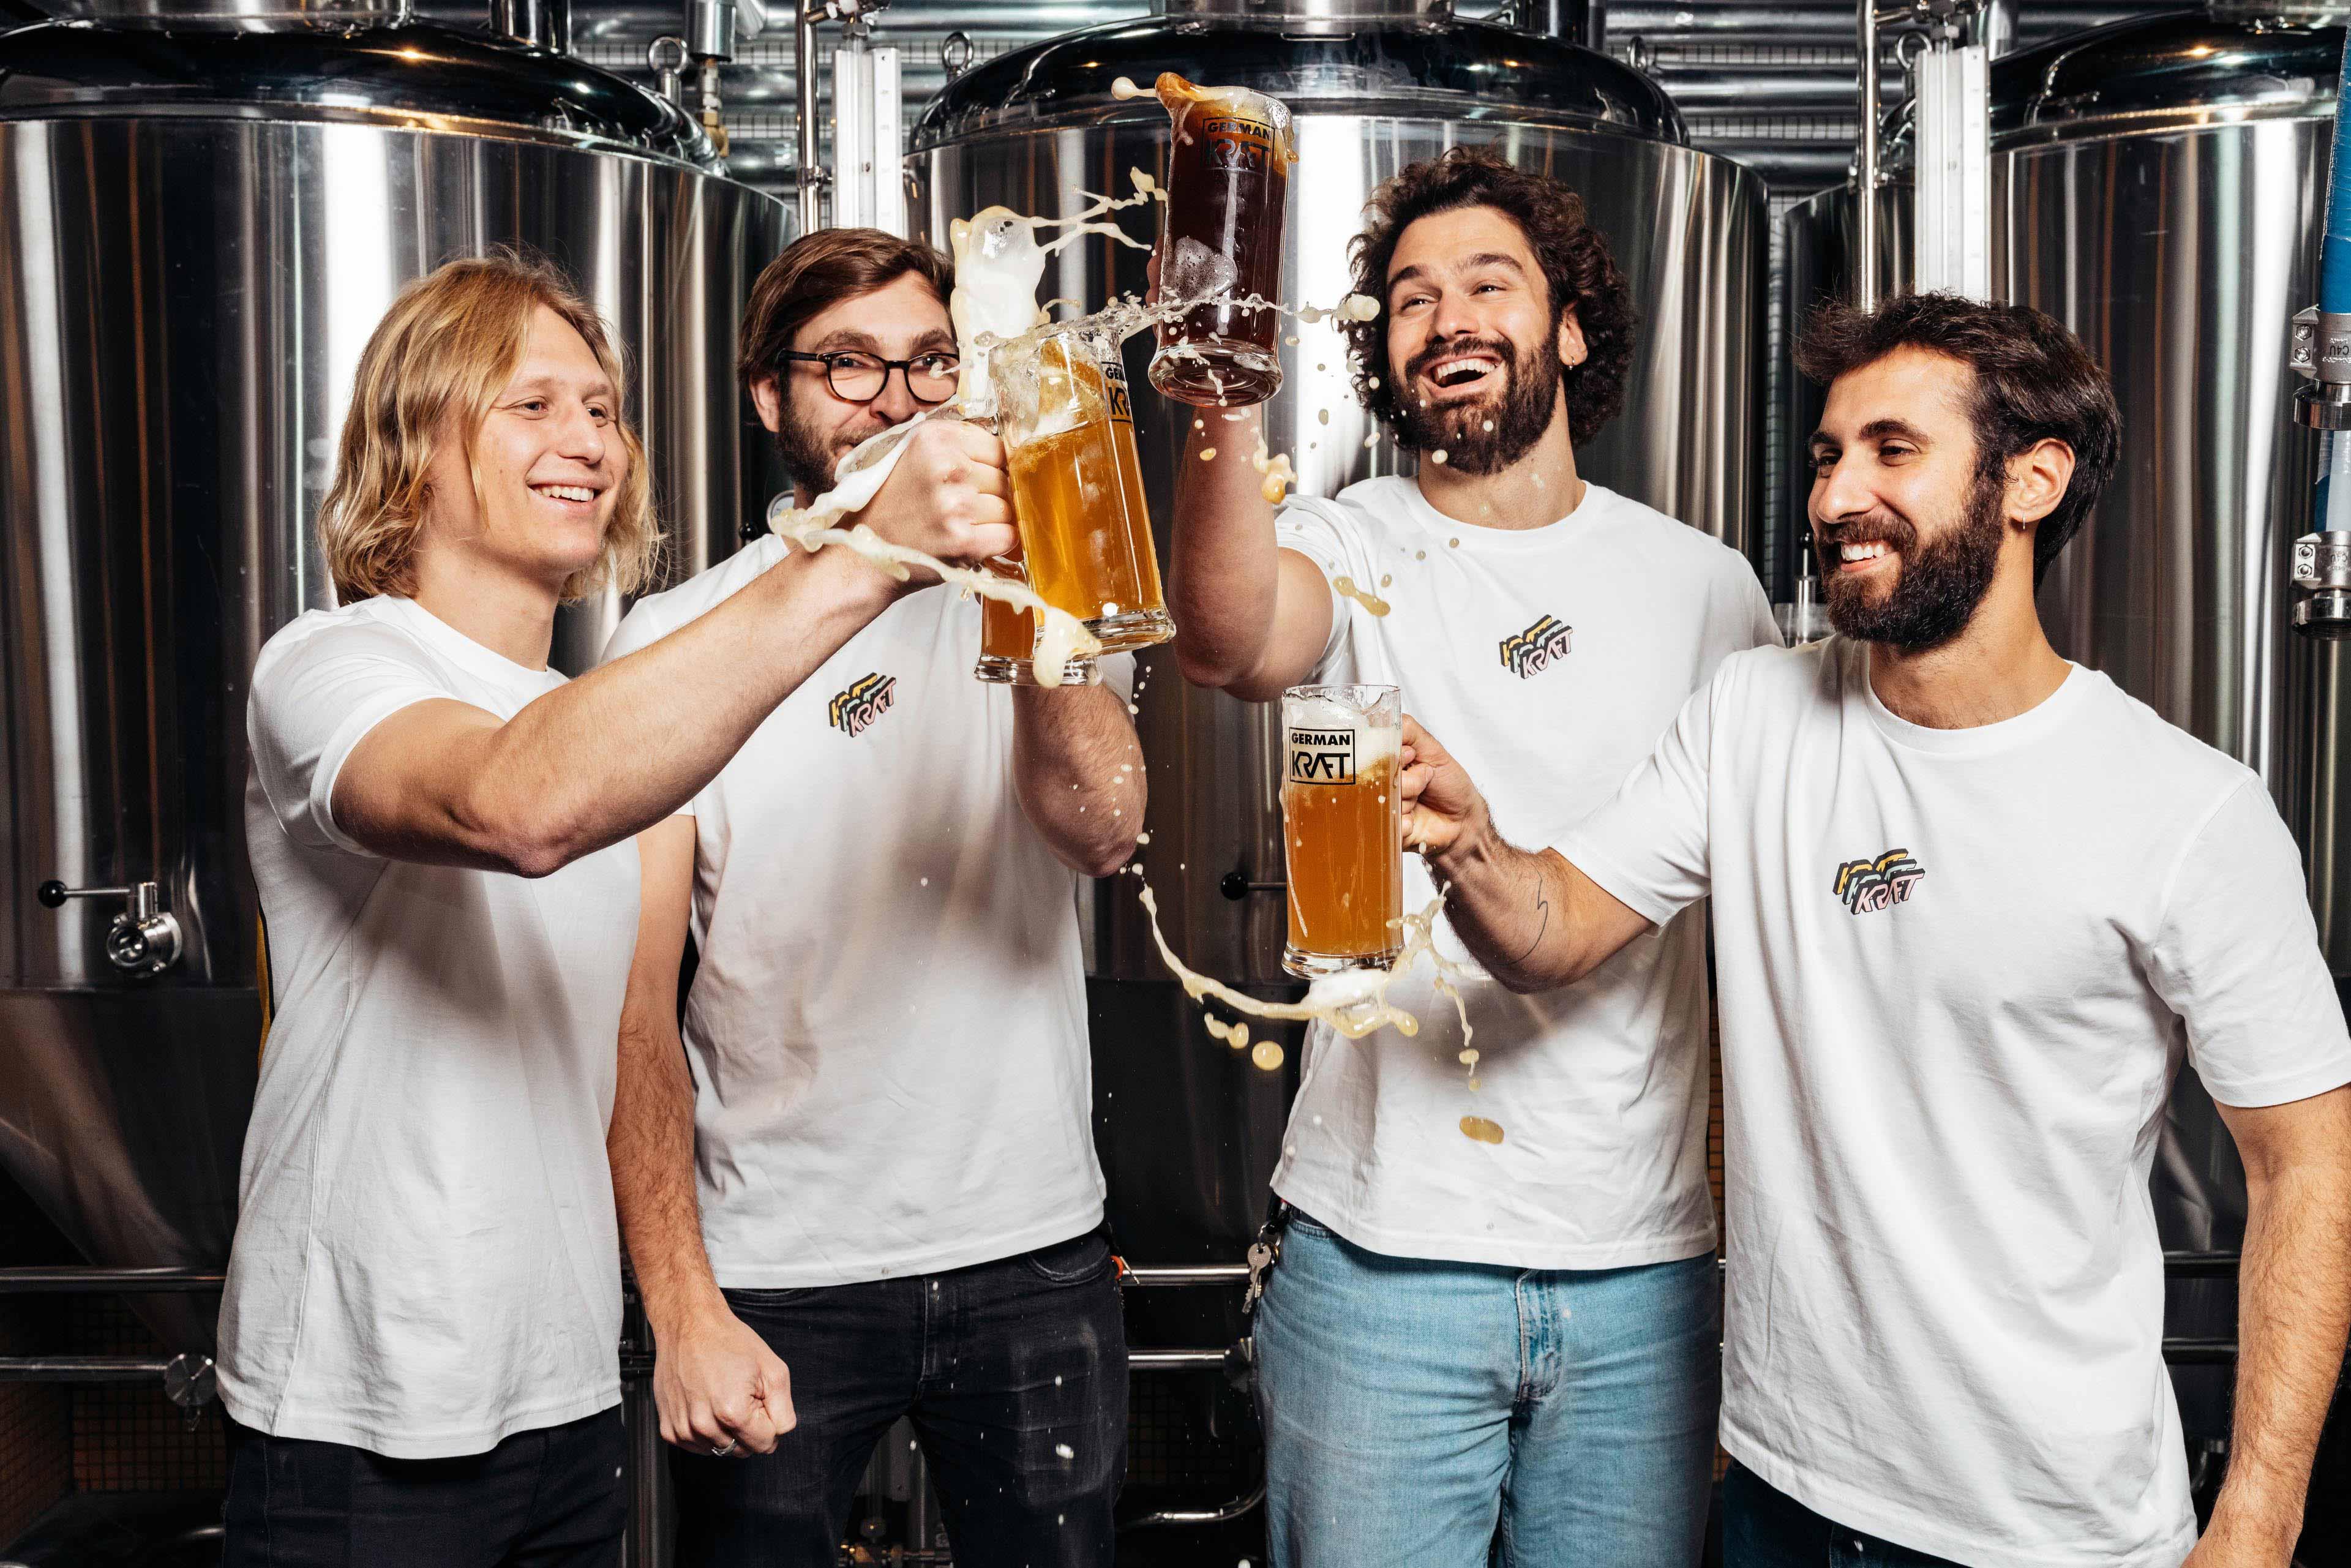 German Kraft Brewery Team. Próst. Cheers.